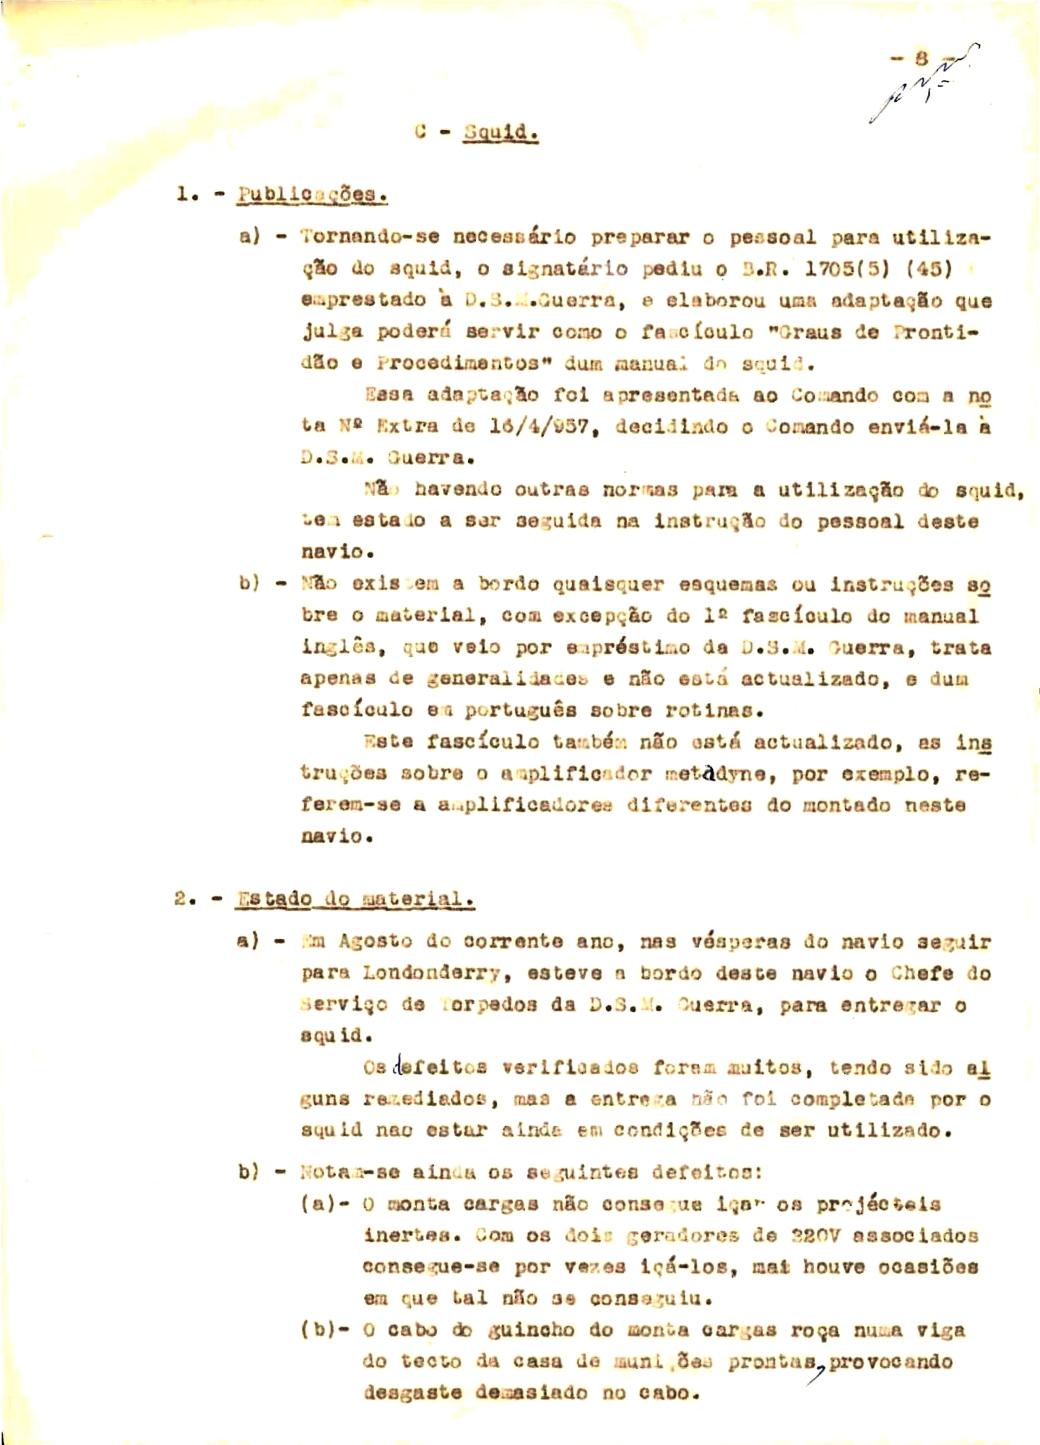 00345 57-10-21 cópia do Relatório do Chefe do Serviço de Armas Submarina do CT Vouga 1º Ten Nunes da Silva-8